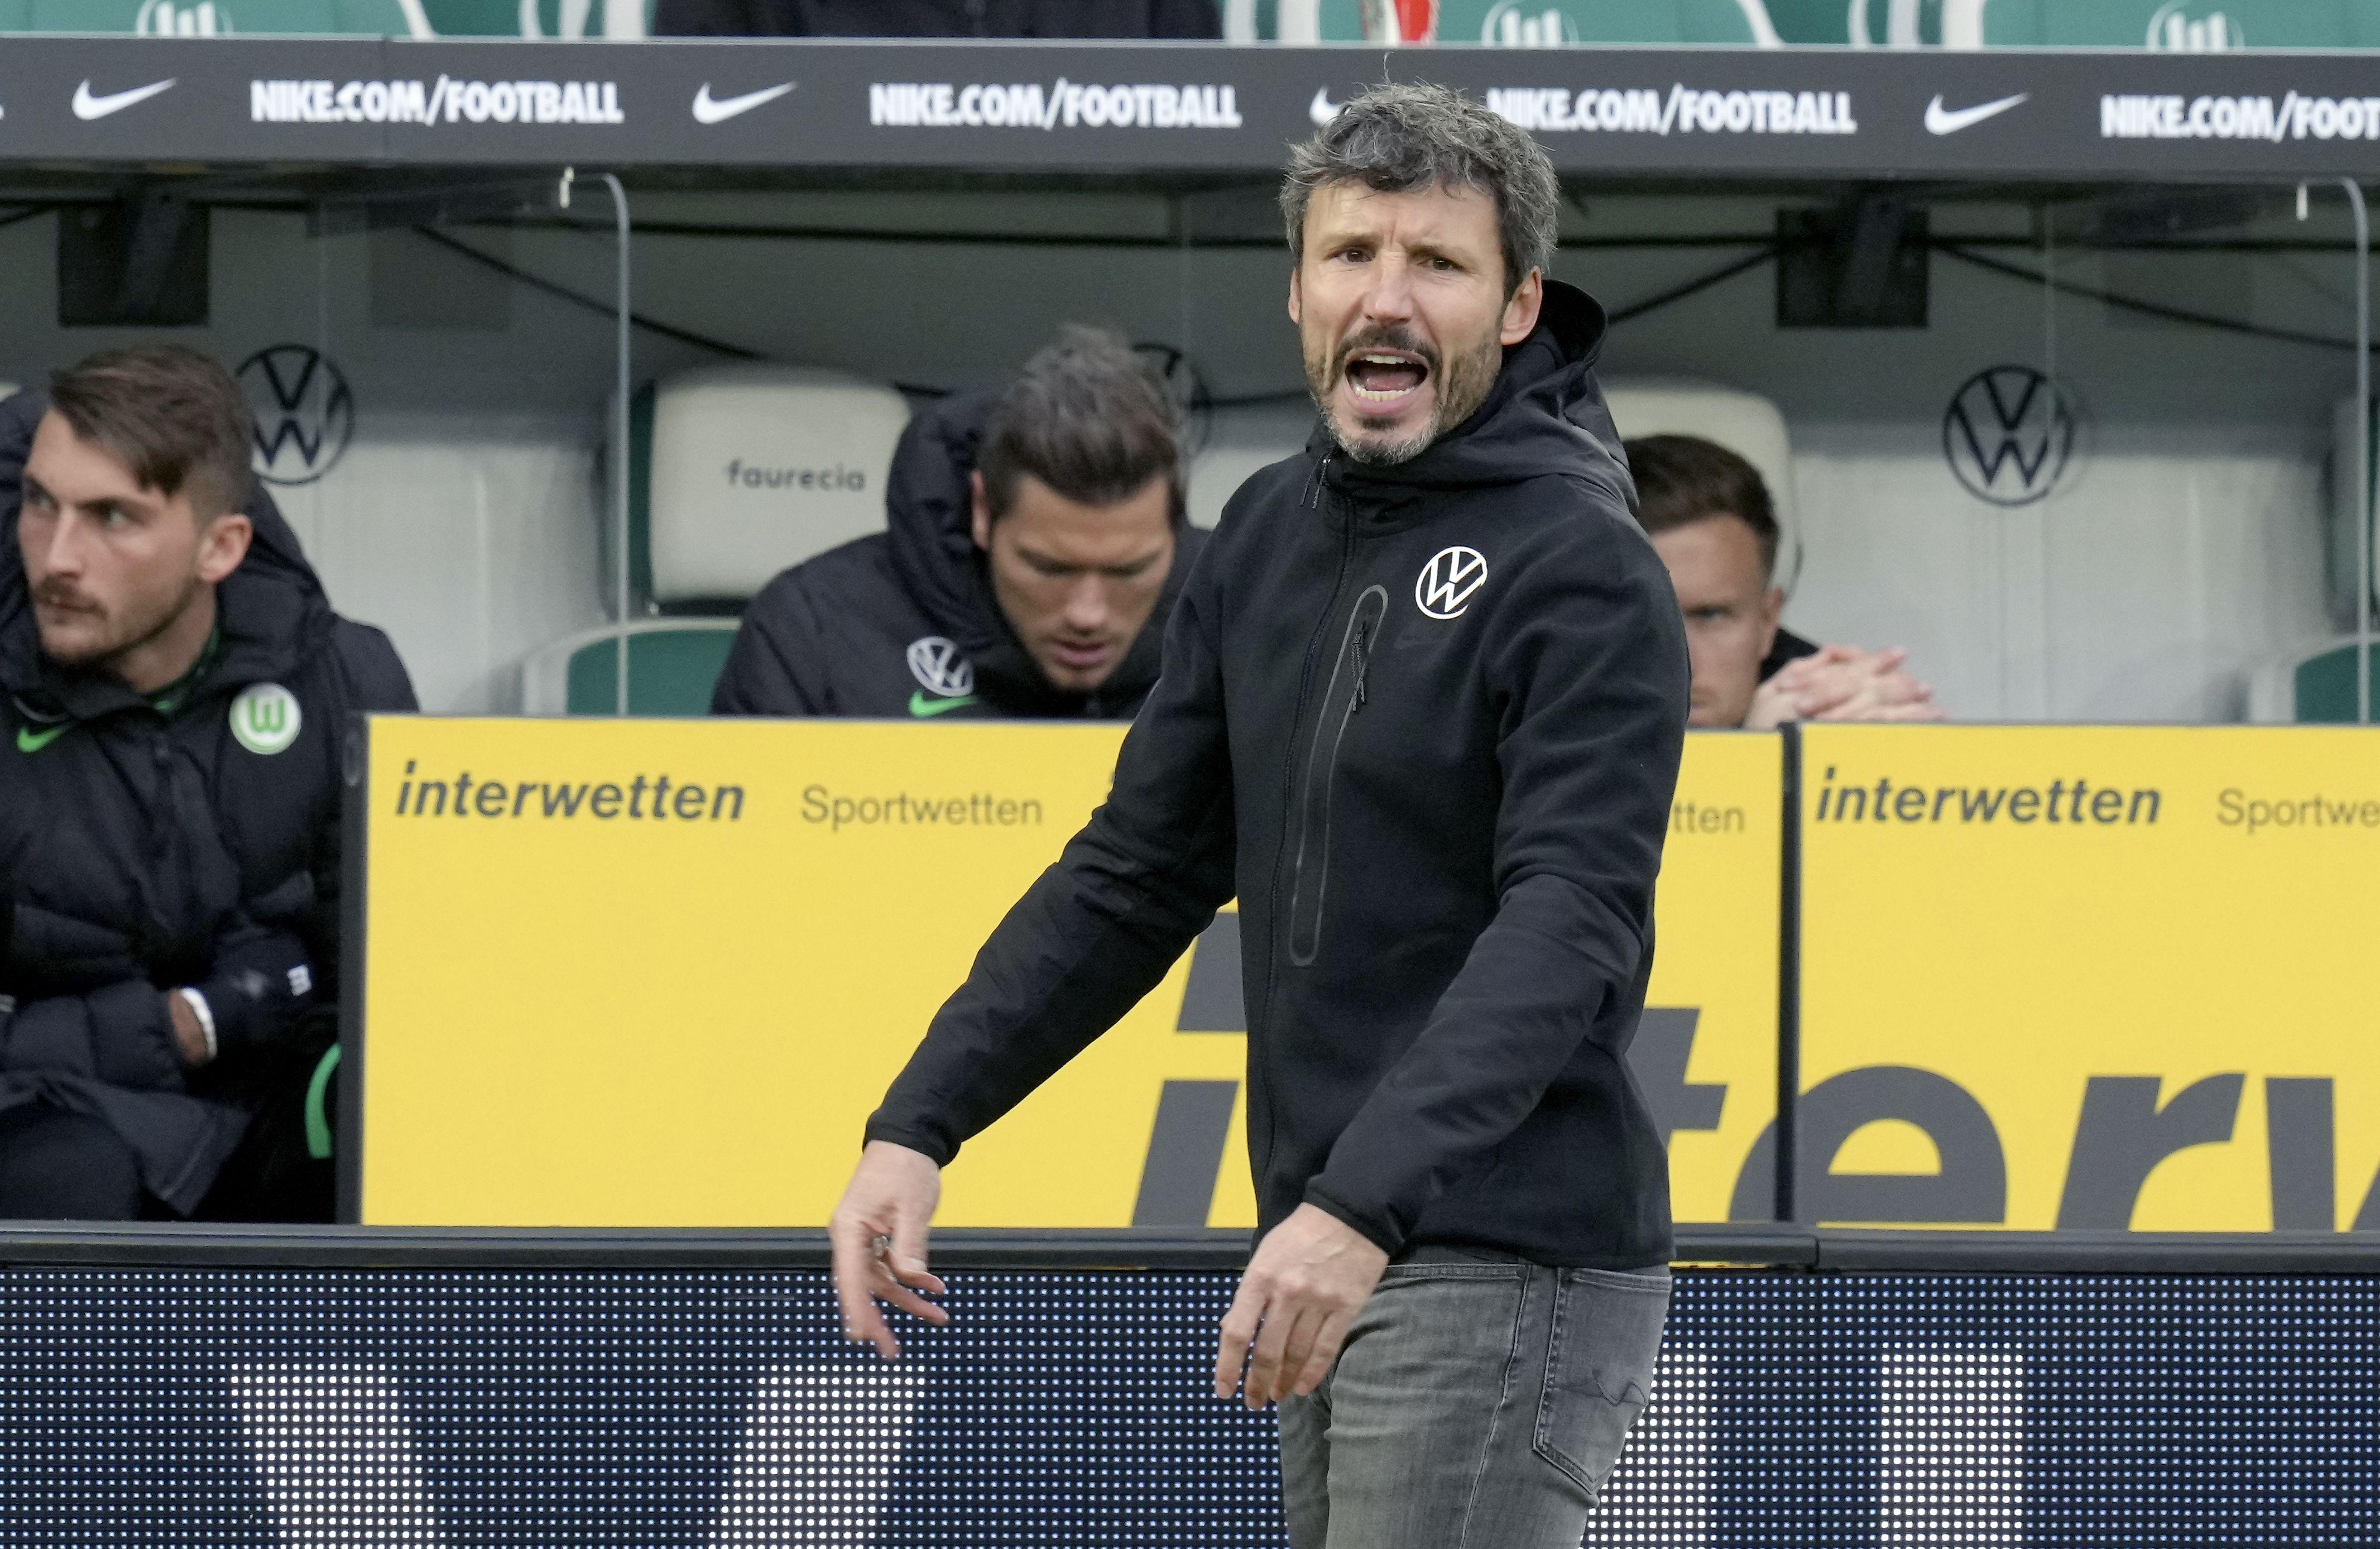 Wolfsburgo despide al DT van Bommel tras apenas 13 partidos